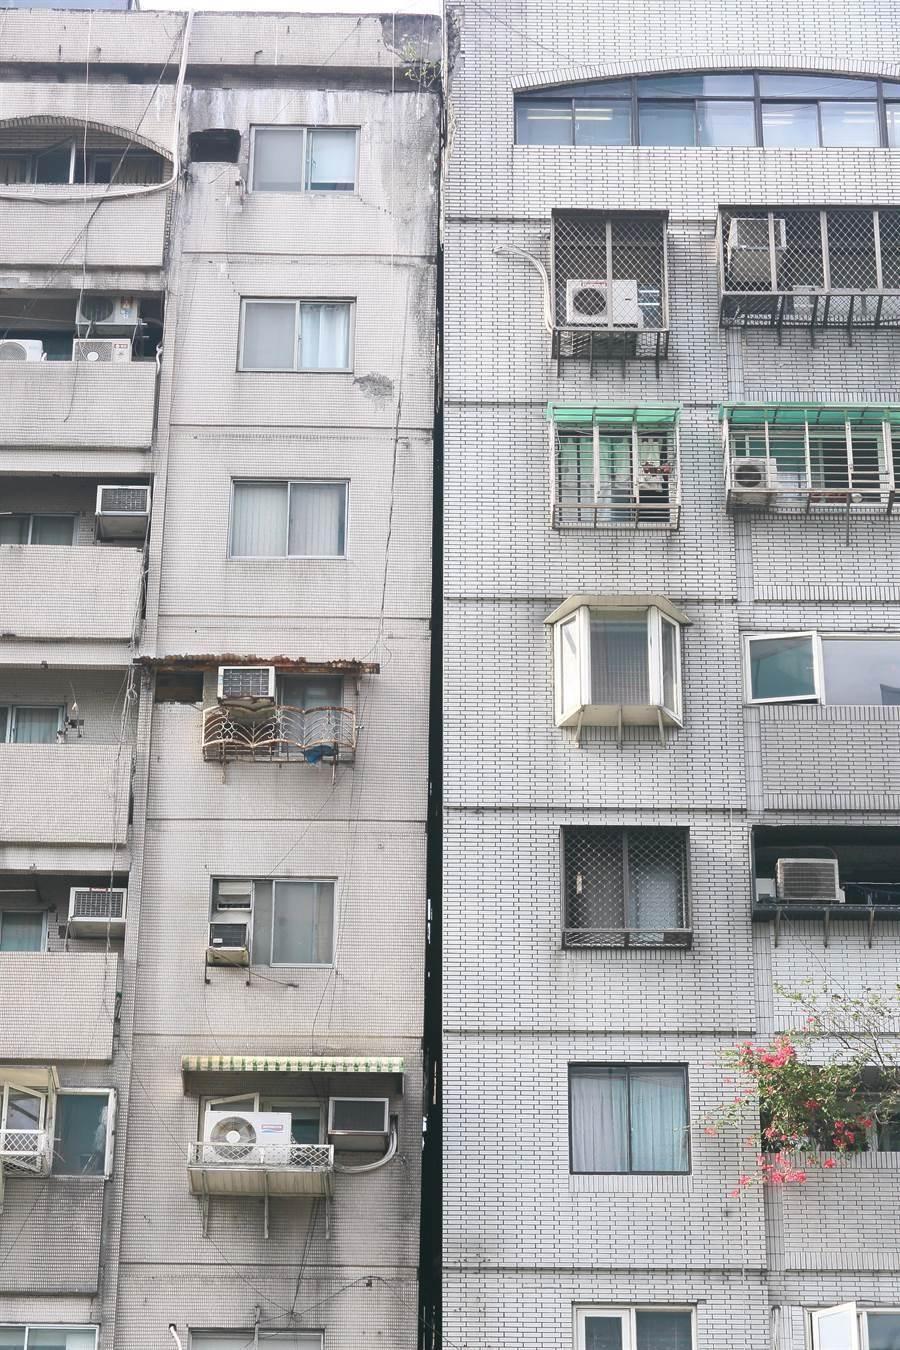 花蓮18日發生芮氏規模6.1級地震,位於北市信義路4段405號的富貴角大樓,疑因地震發生傾斜情形,里長表示該大樓921時就已經有傾斜,經建管處會同專業公會鑑定後,認定並無立即危險,先前疏散的32位民眾皆已返家。(張鎧乙攝)